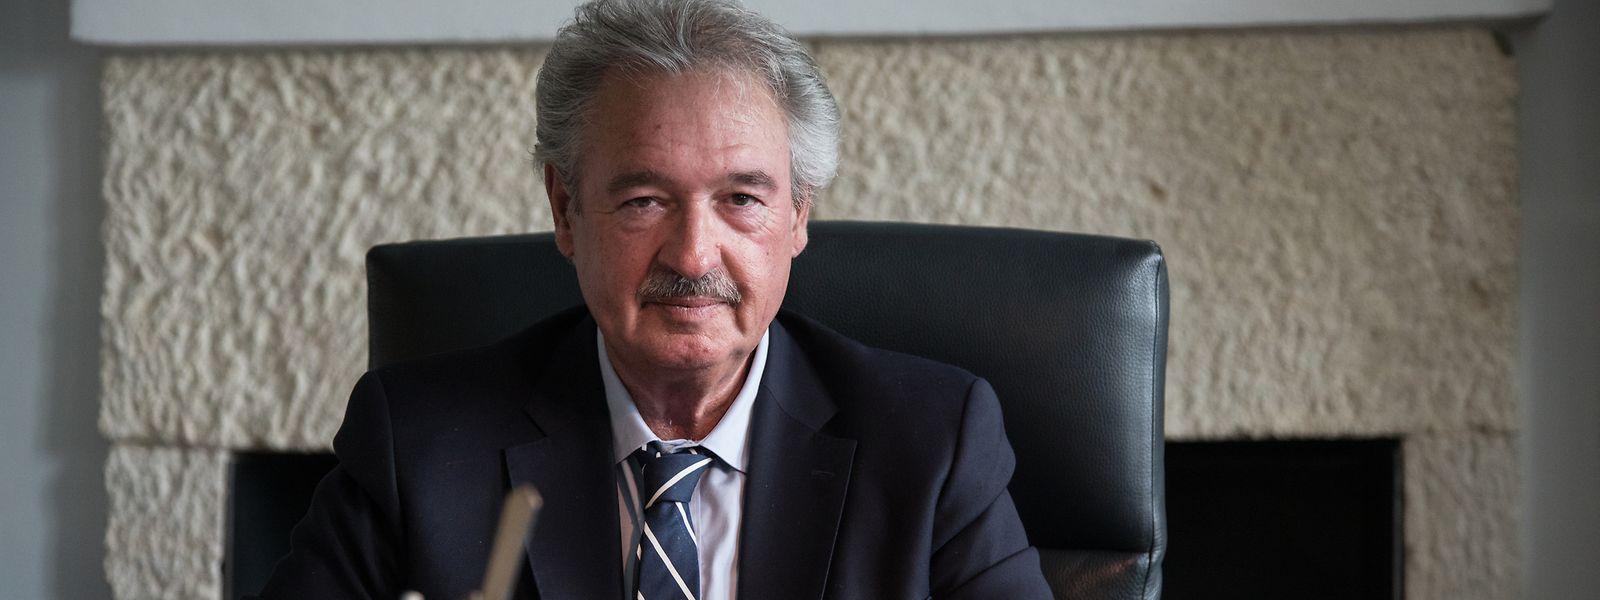 Jean Asselborn, Minister für auswärtige und europäische Angelegenheiten, Immigration und Asyl.